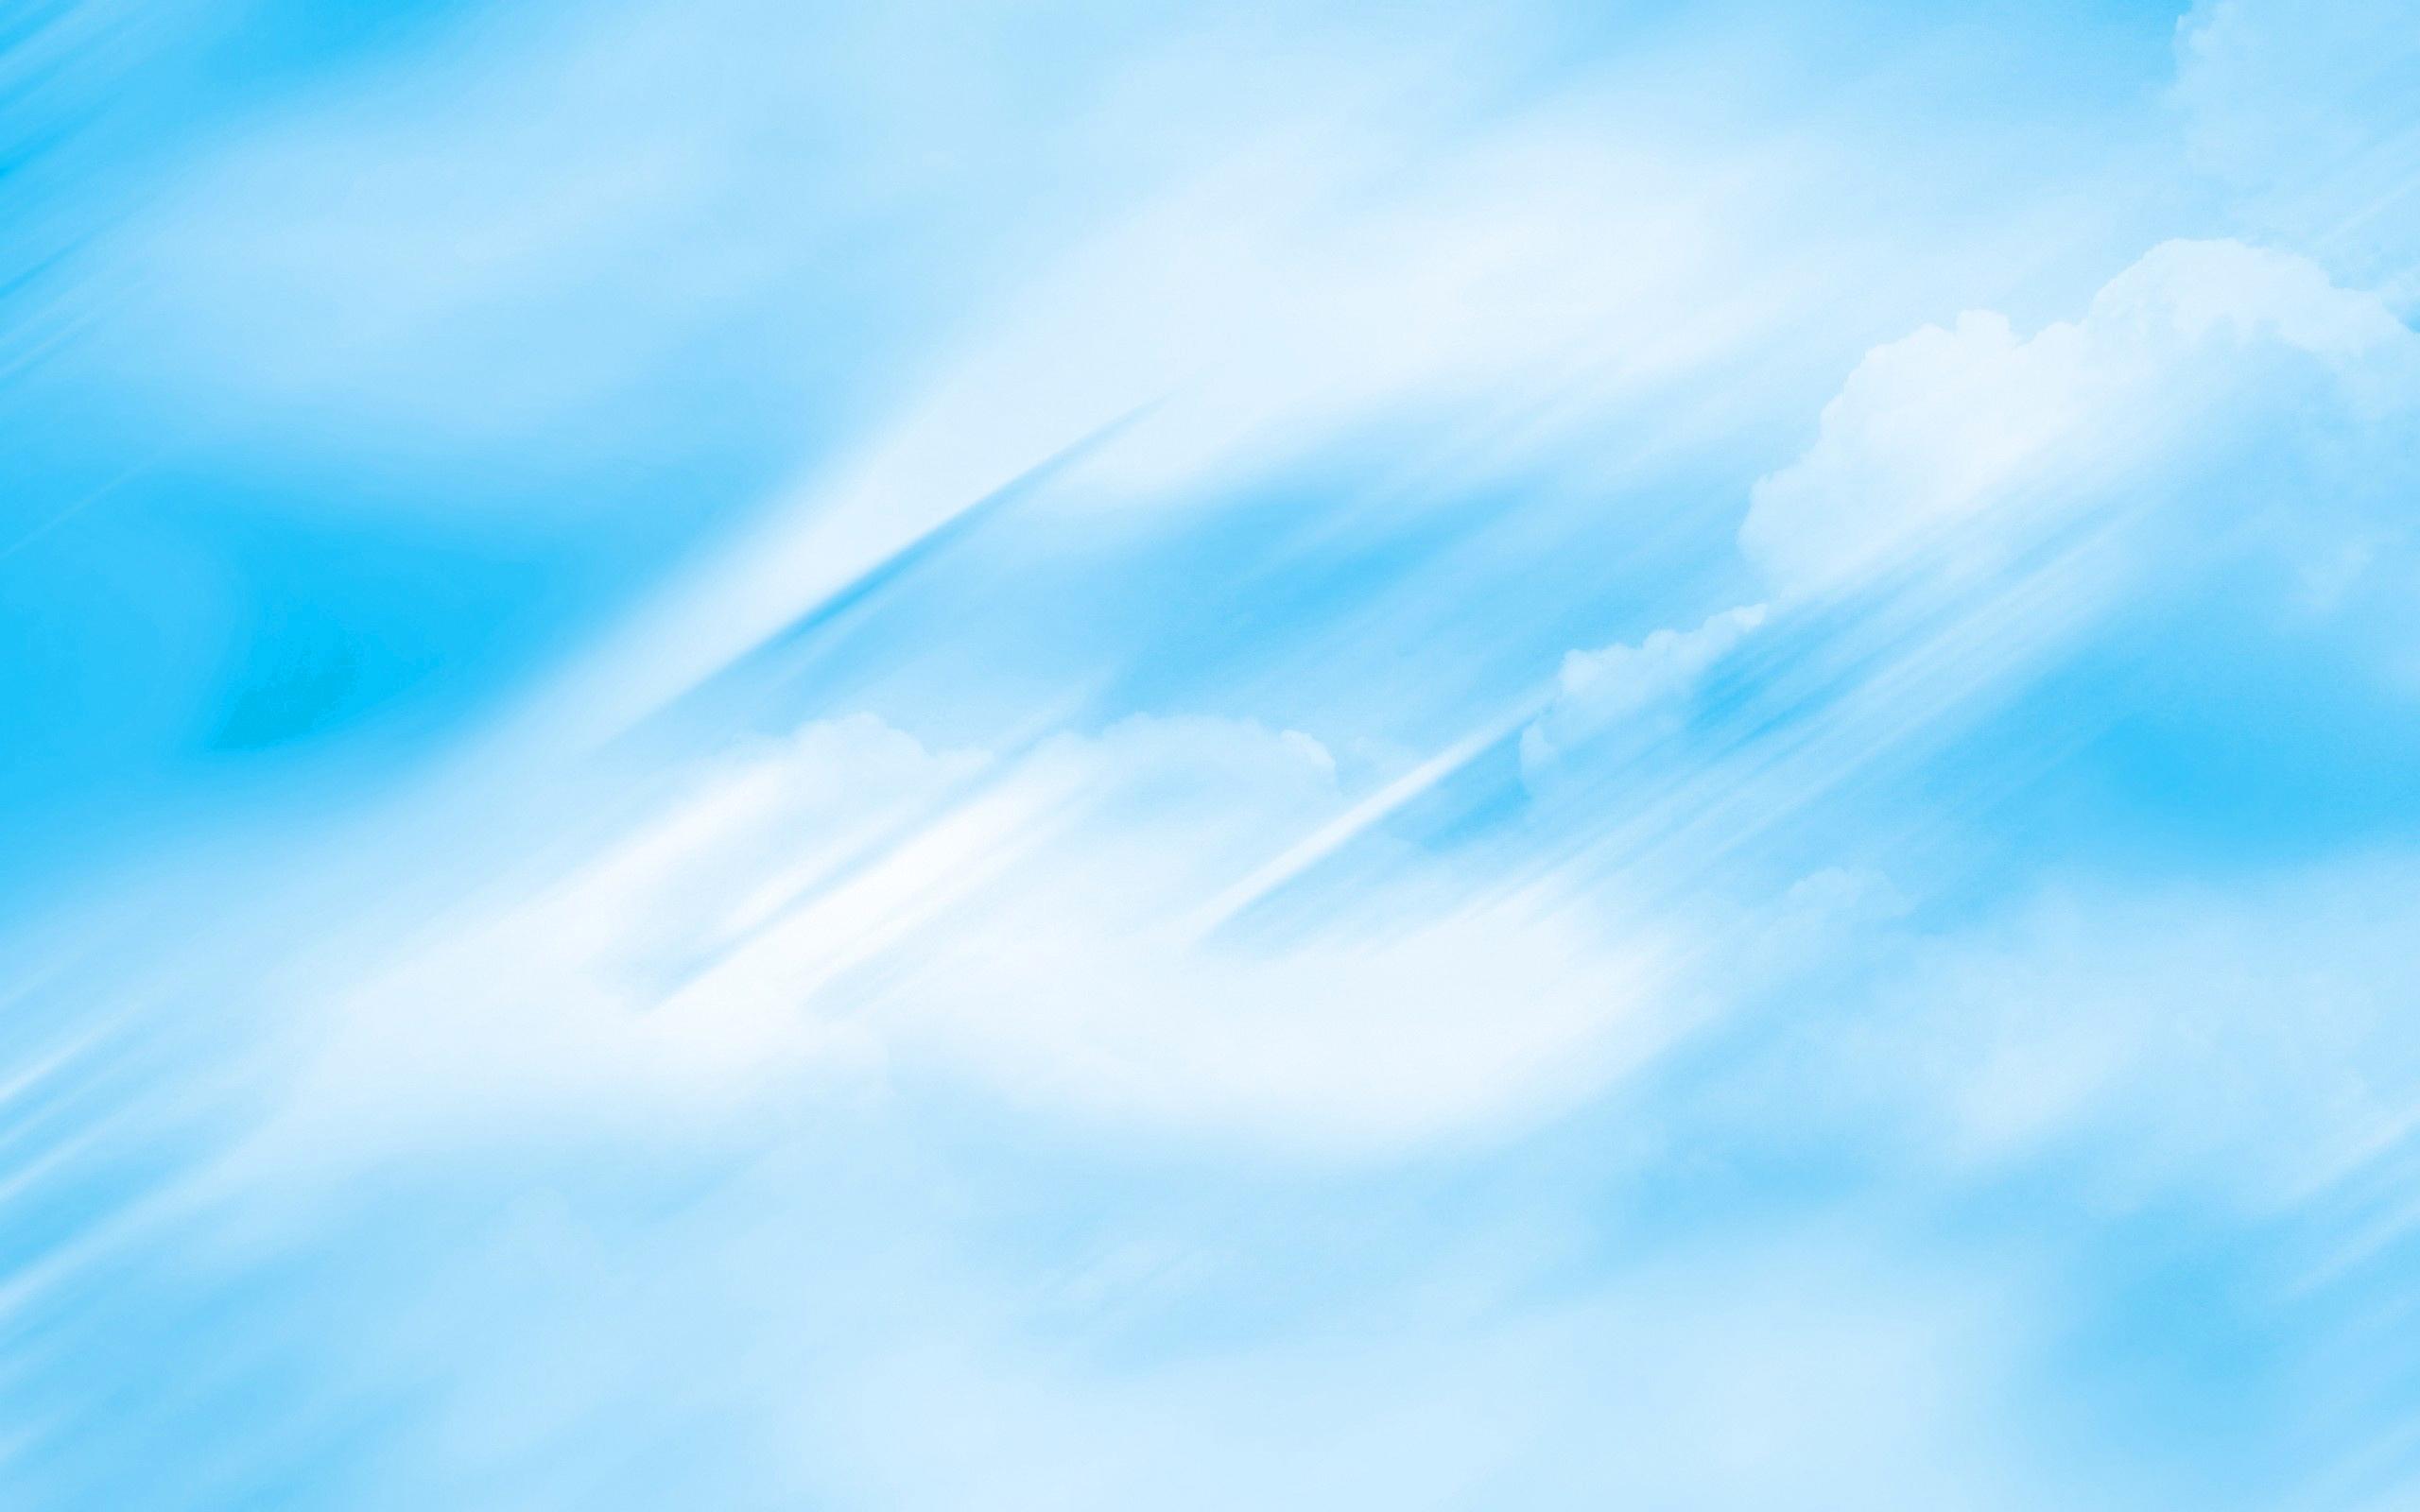 историческом картинки фон для презентации голубой фон первом этапе создания